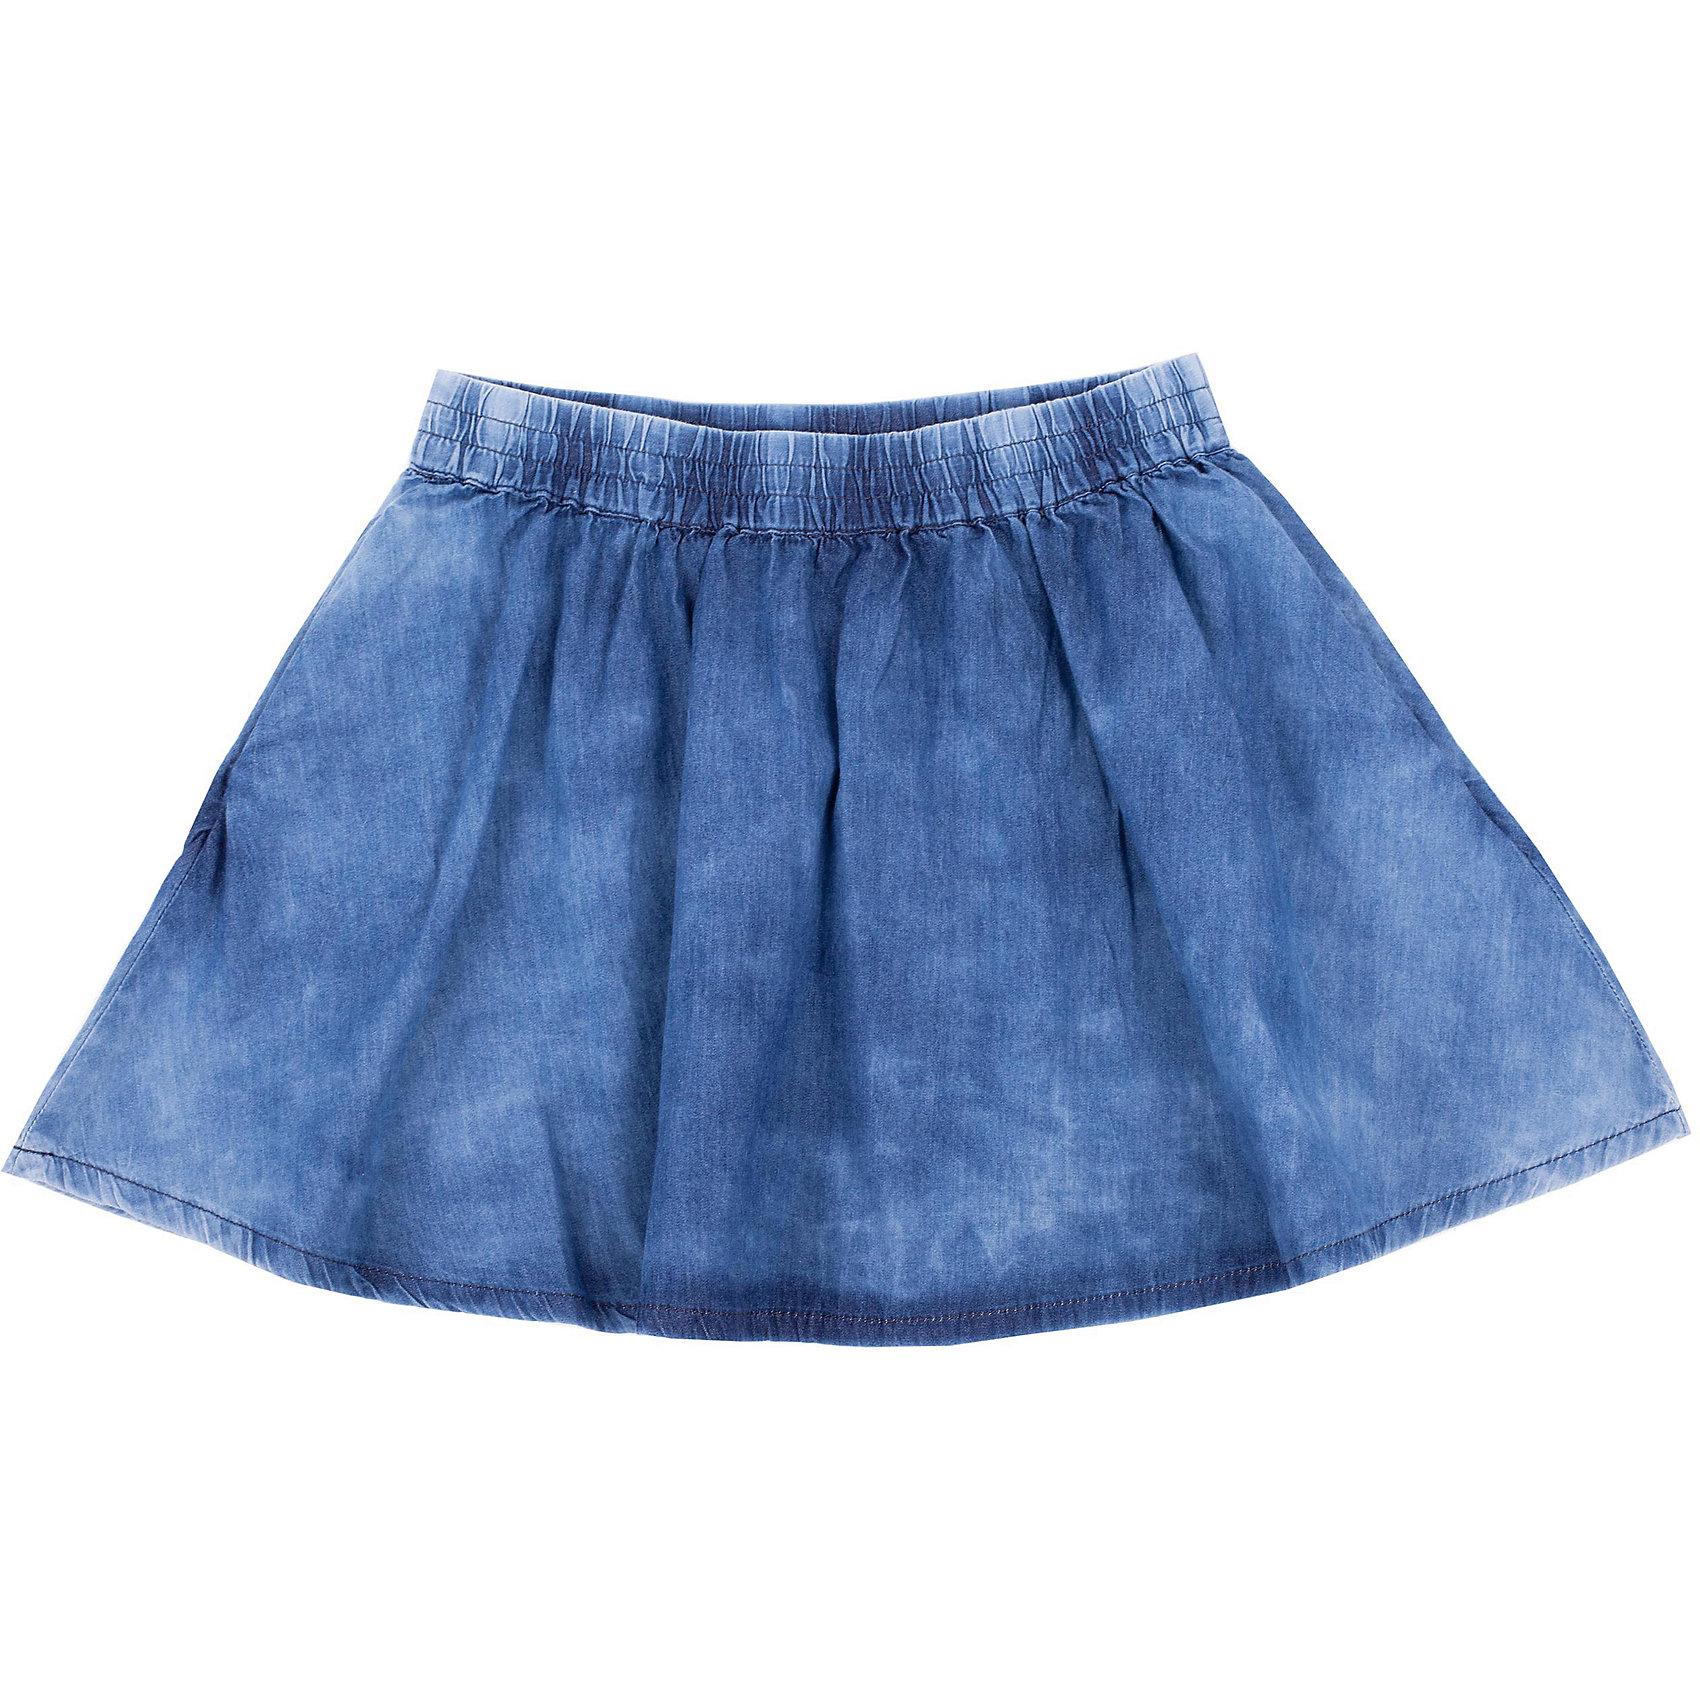 Юбка джинсовая для девочки GulliverДжинсовая одежда<br>Джинсовая юбка для девочки - прекрасный вариант для жаркого лета. Тонкий деним, расклешенный силуэт, пояс на резинке, удобные карманы делают юбку незаменимой повседневной вещью в гардеробе ребенка. С блузкой, футболкой, топом юбка составит отличный летний комплект. Вы решали купить стильную юбку для девочки на каждый день? Эта модель - отличный выбор!<br>Состав:<br>100% хлопок<br><br>Ширина мм: 207<br>Глубина мм: 10<br>Высота мм: 189<br>Вес г: 183<br>Цвет: голубой<br>Возраст от месяцев: 132<br>Возраст до месяцев: 144<br>Пол: Женский<br>Возраст: Детский<br>Размер: 152,146,164,158<br>SKU: 4535053